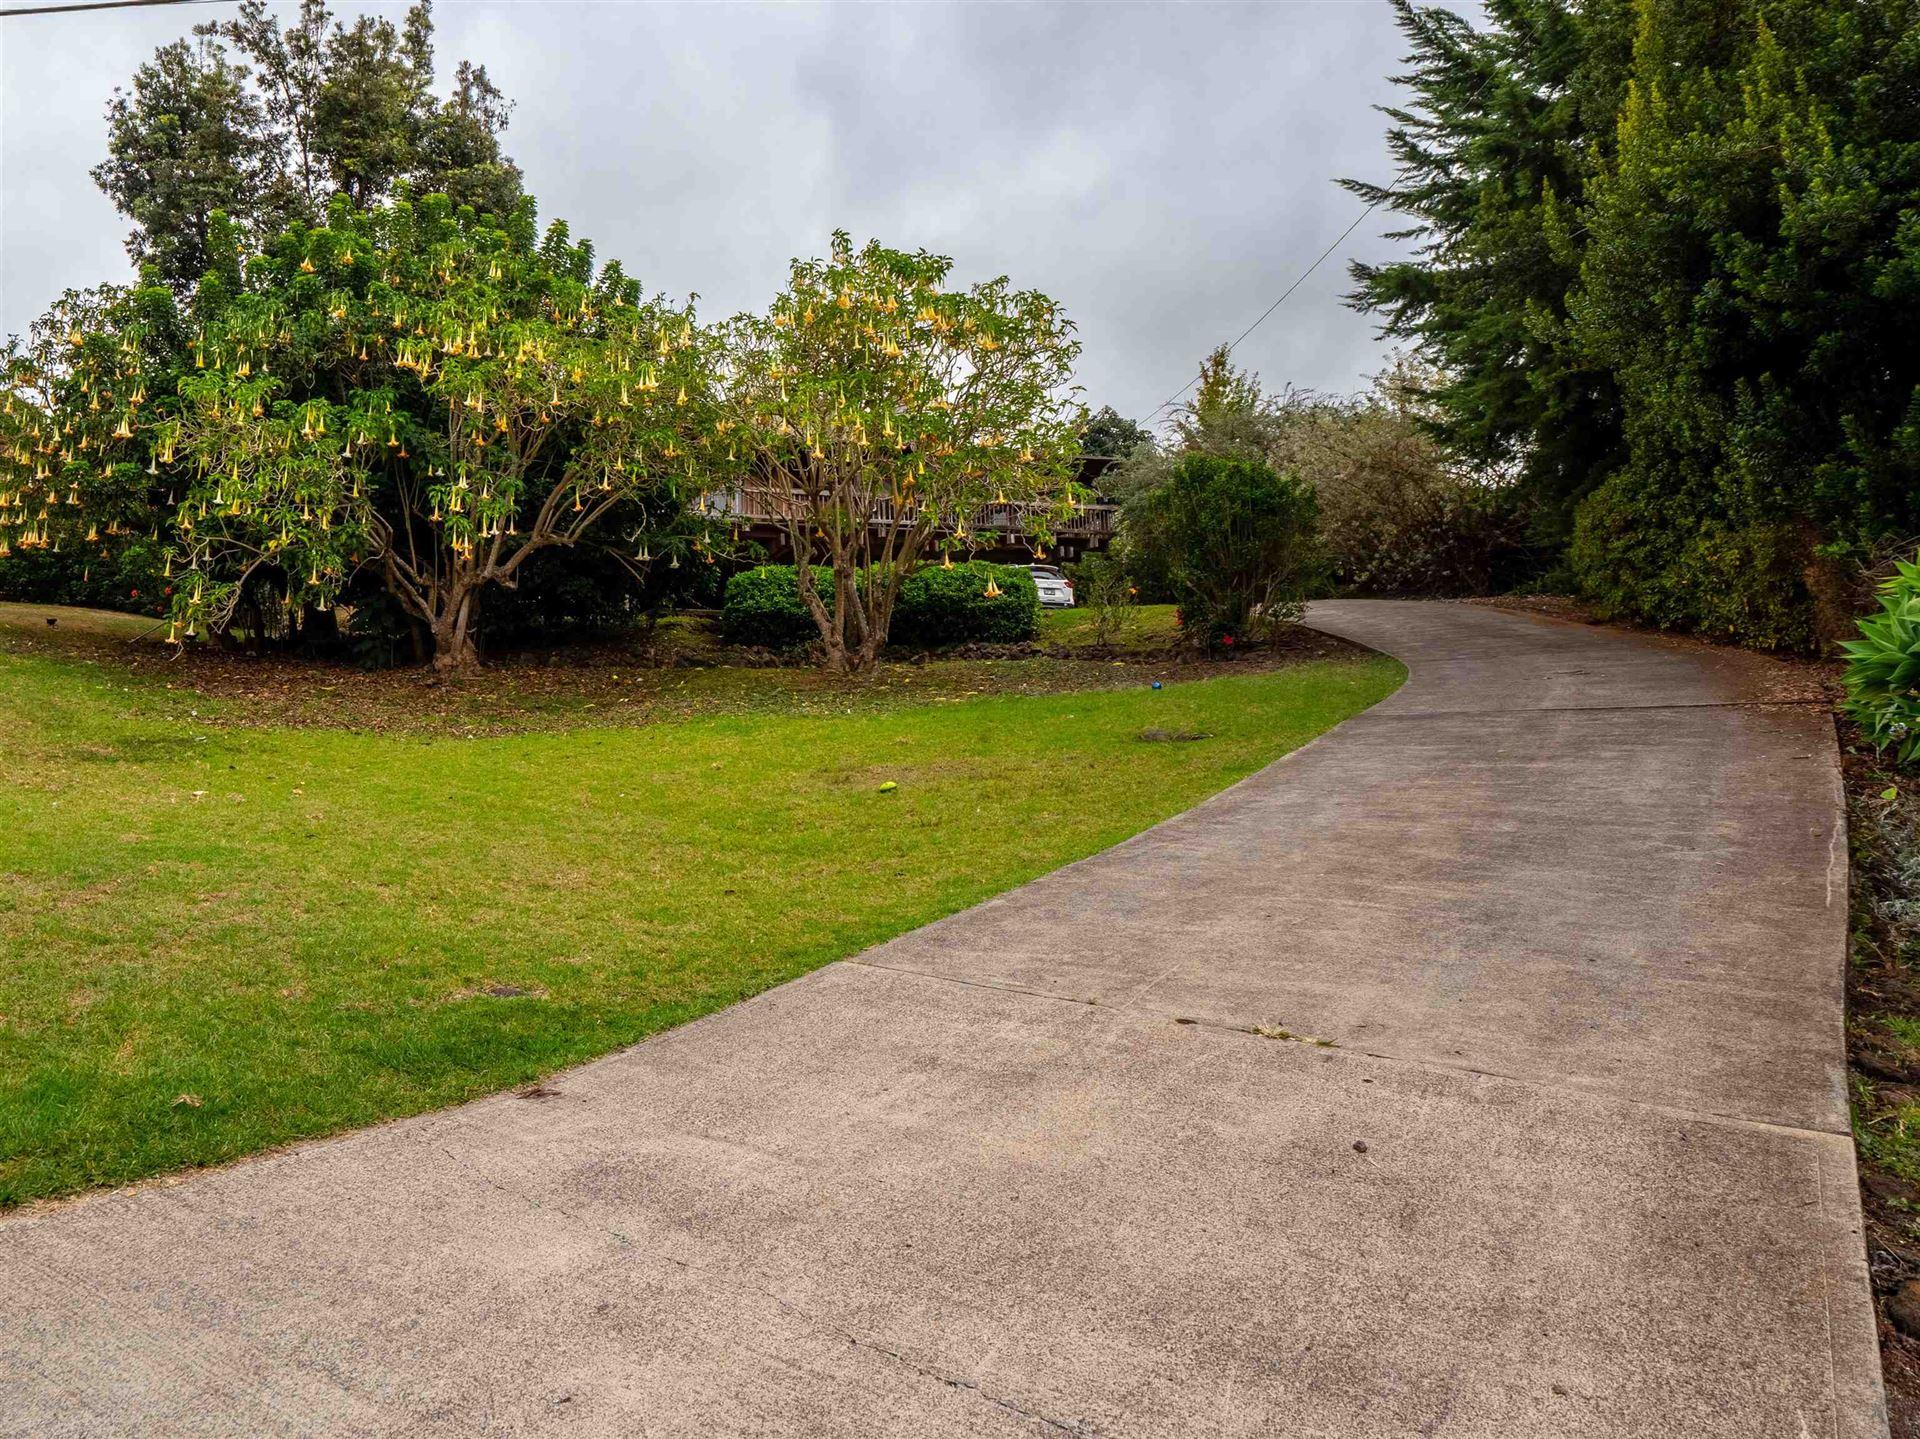 Photo of 16860 Haleakala Hwy, Kula, HI 96790 (MLS # 393325)